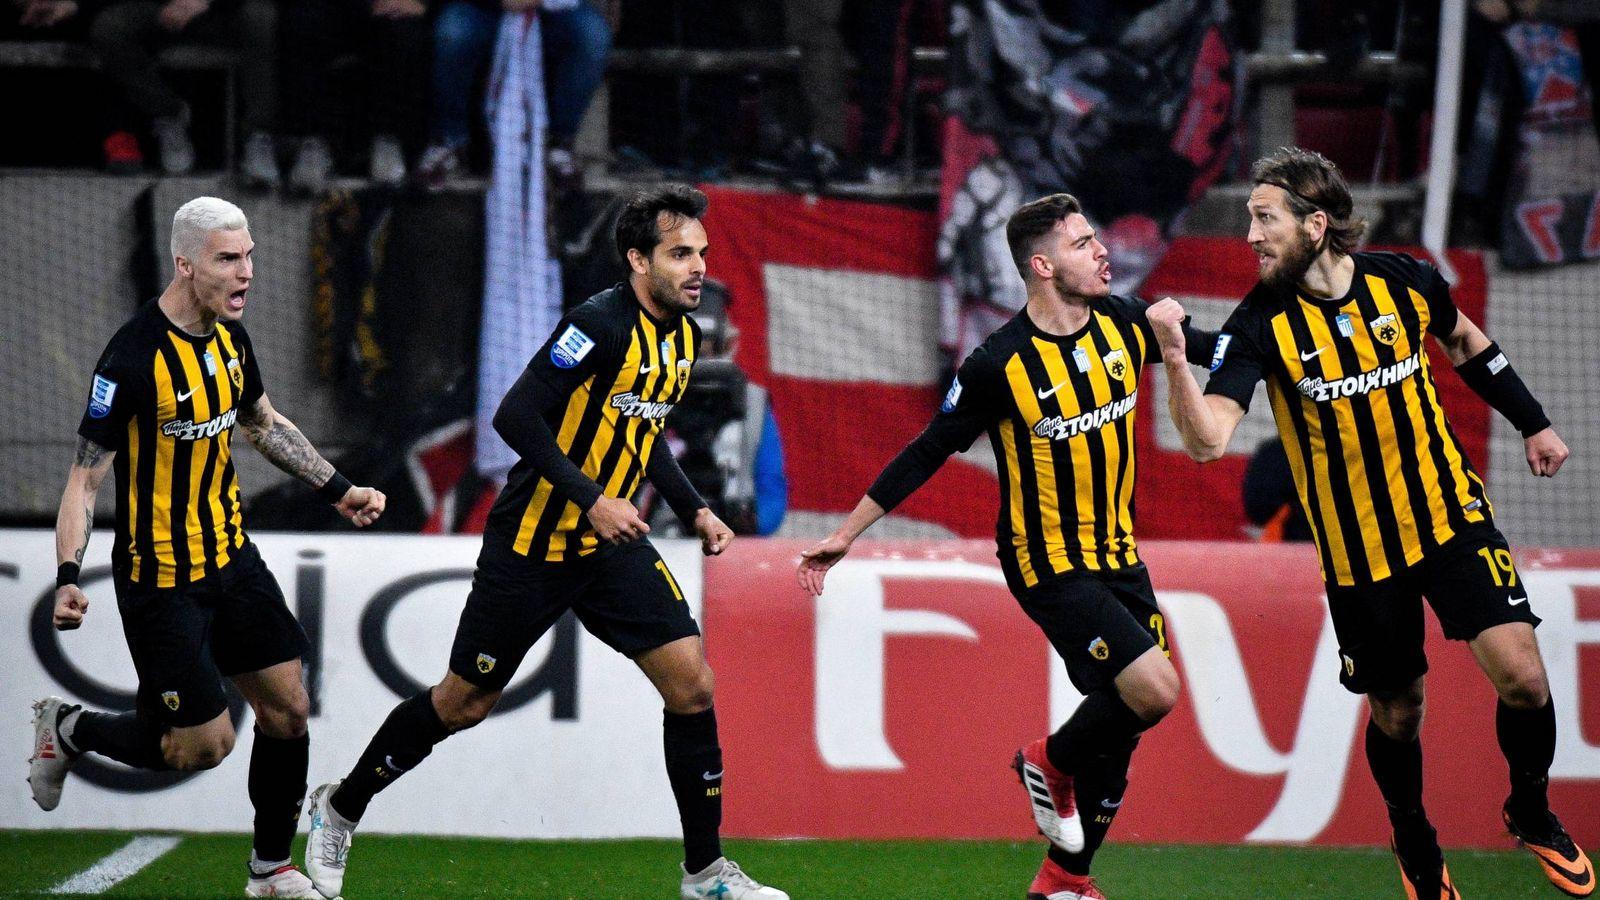 Foto: Chygrynskiy celebra con sus compañeros un gol del AEK. (Imago)